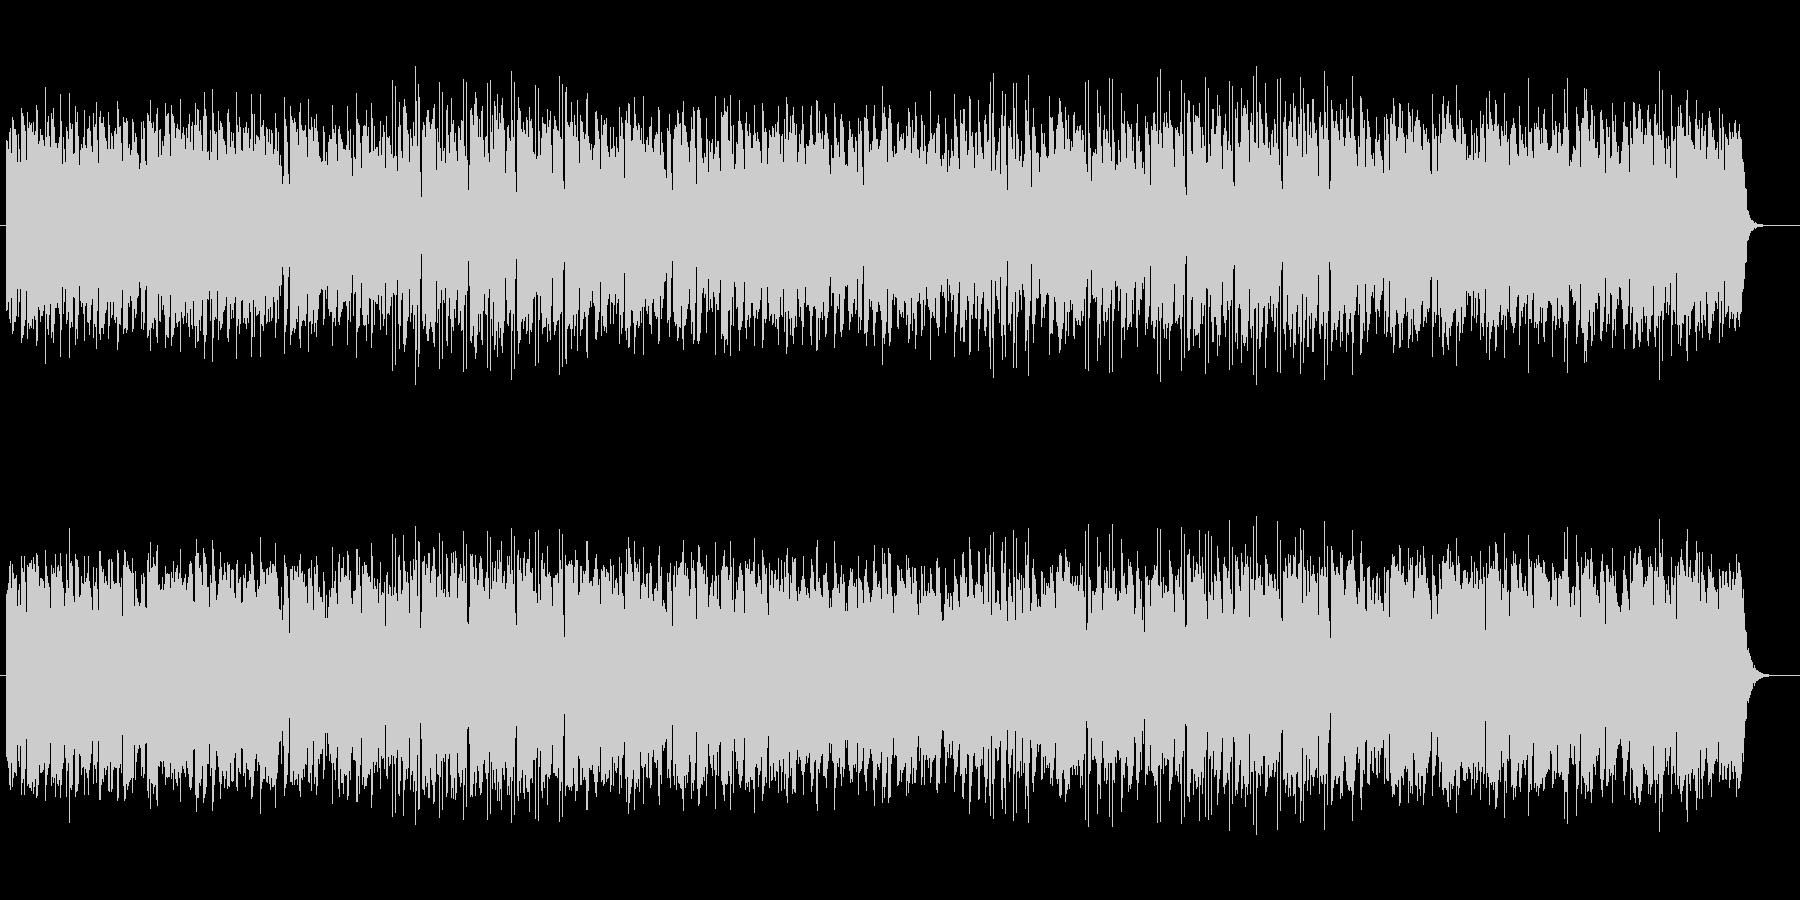 リズム感があり木琴が印象的なテクノの未再生の波形